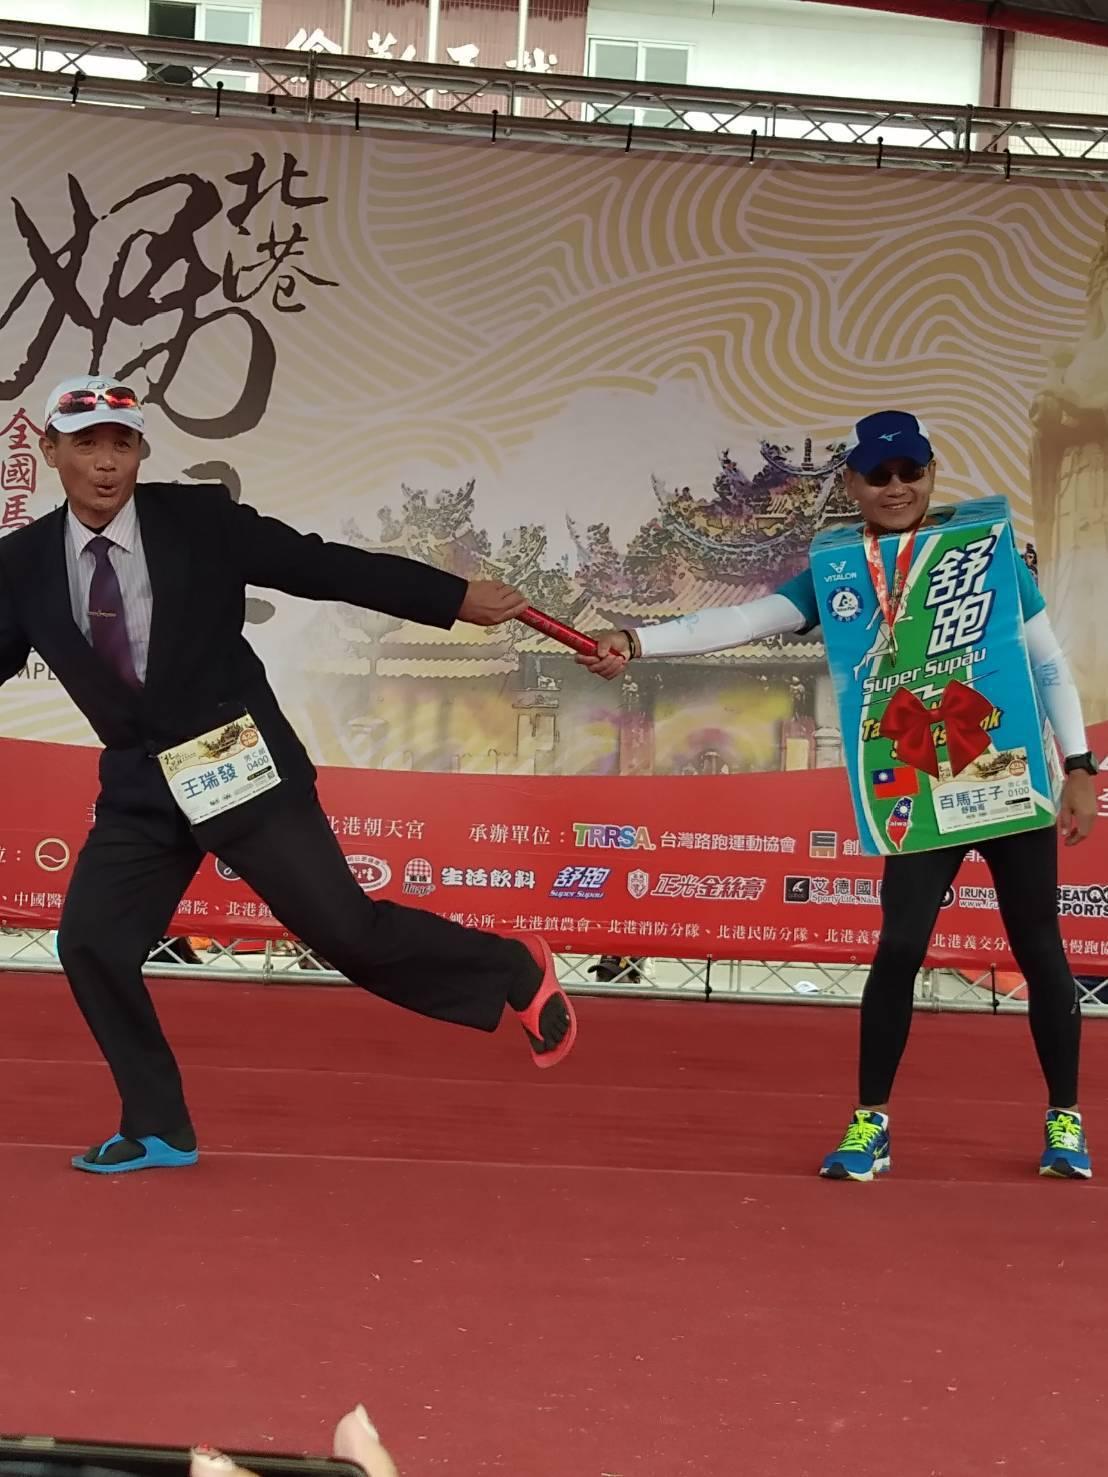 北港朝天宮主辦媽祖盃全國馬拉松大賽邁入第7年,被封為「舒跑哥」的詹益榮也在今天完...